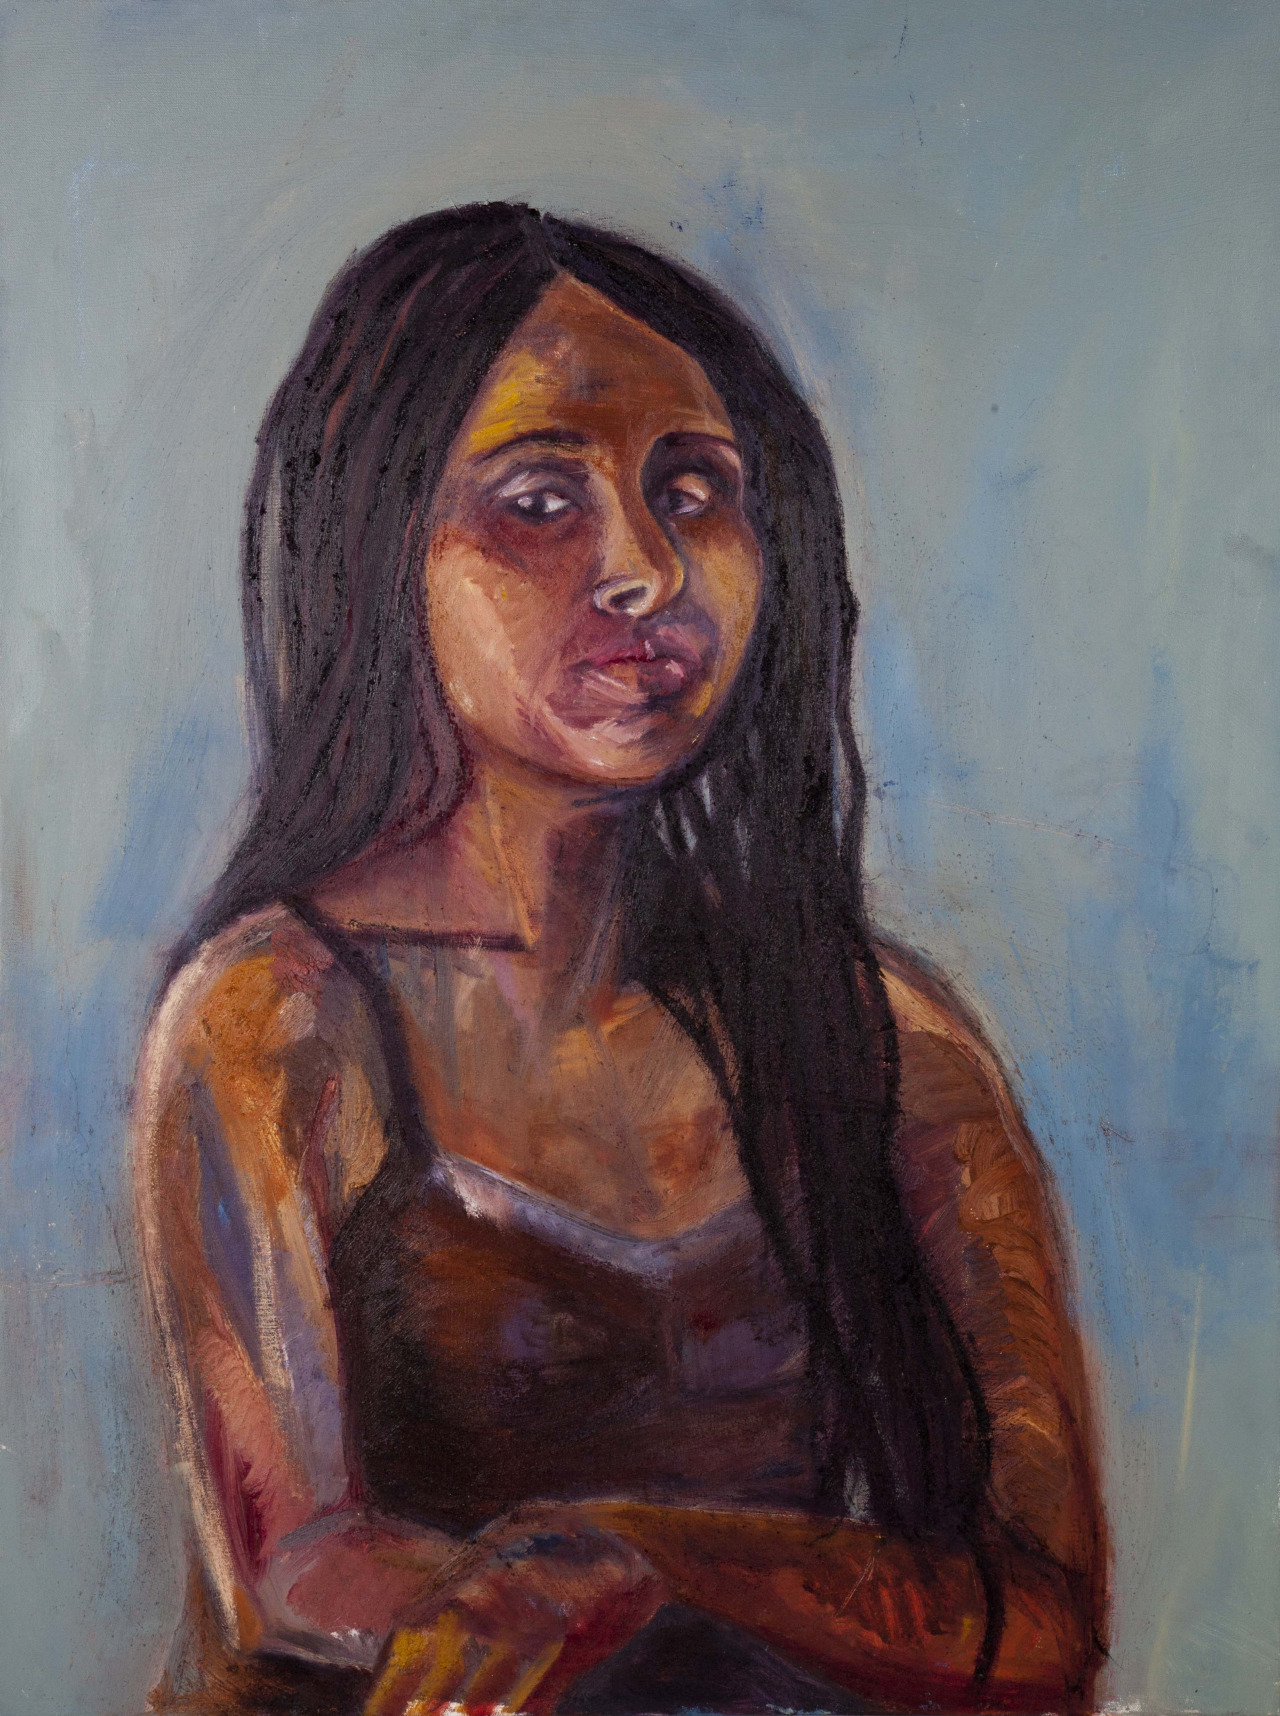 Yasmine  oil and sand on canvas  26x30